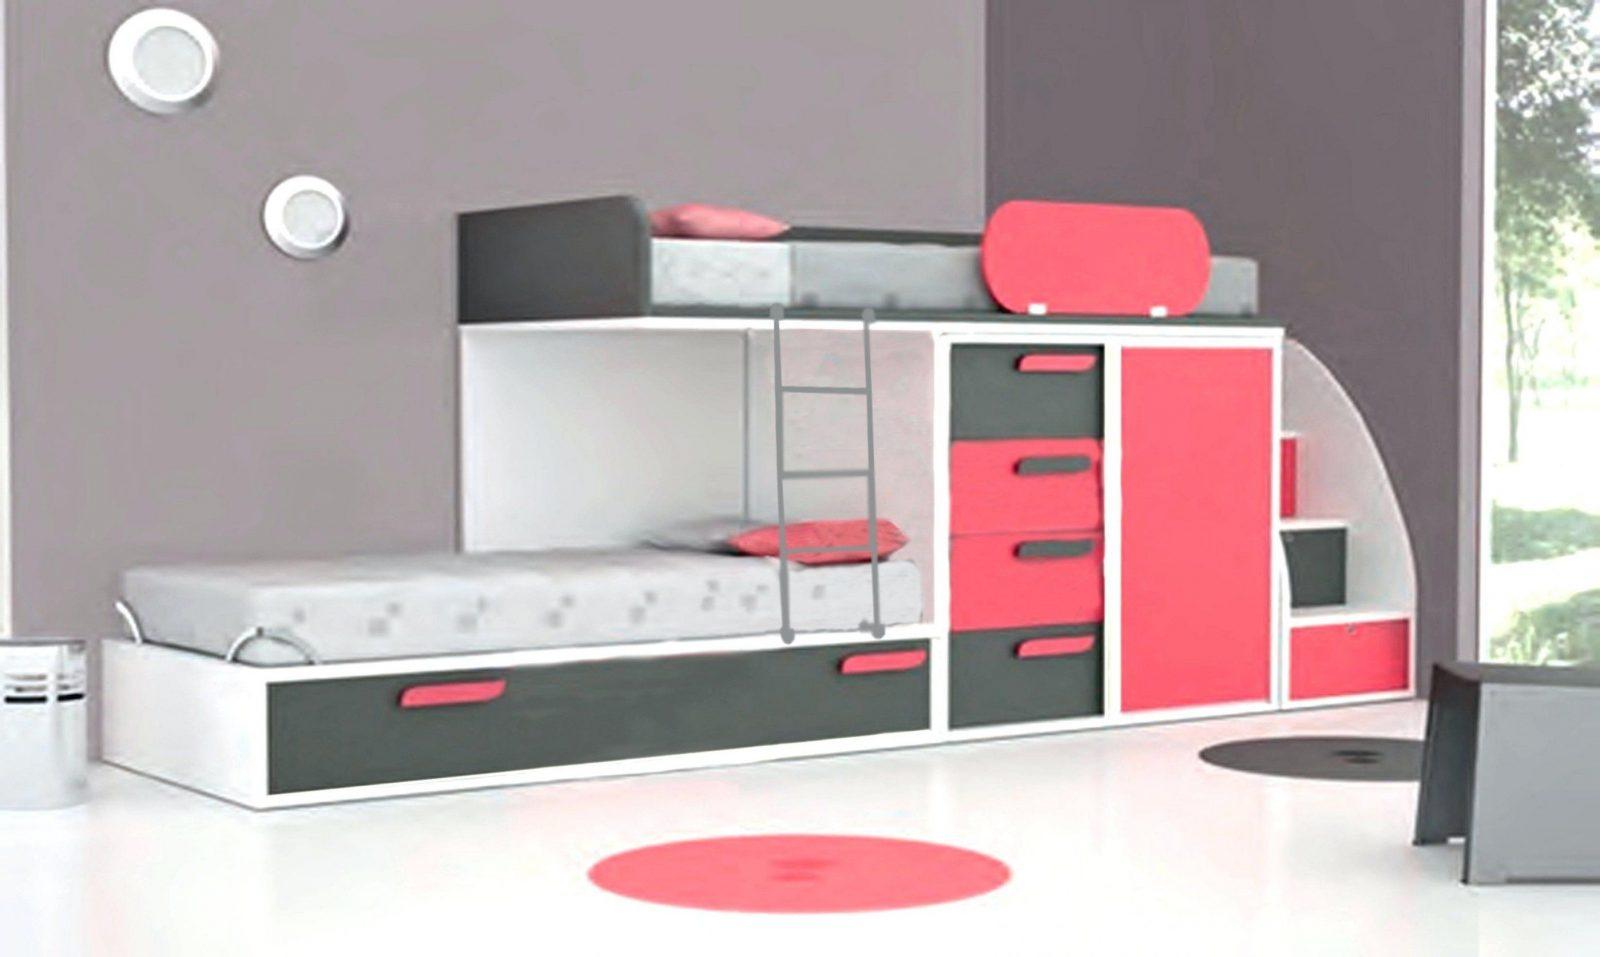 Jugendzimmer Hochbett Kinderzimmer Step 307 Ikea Mit Hochbetten Von